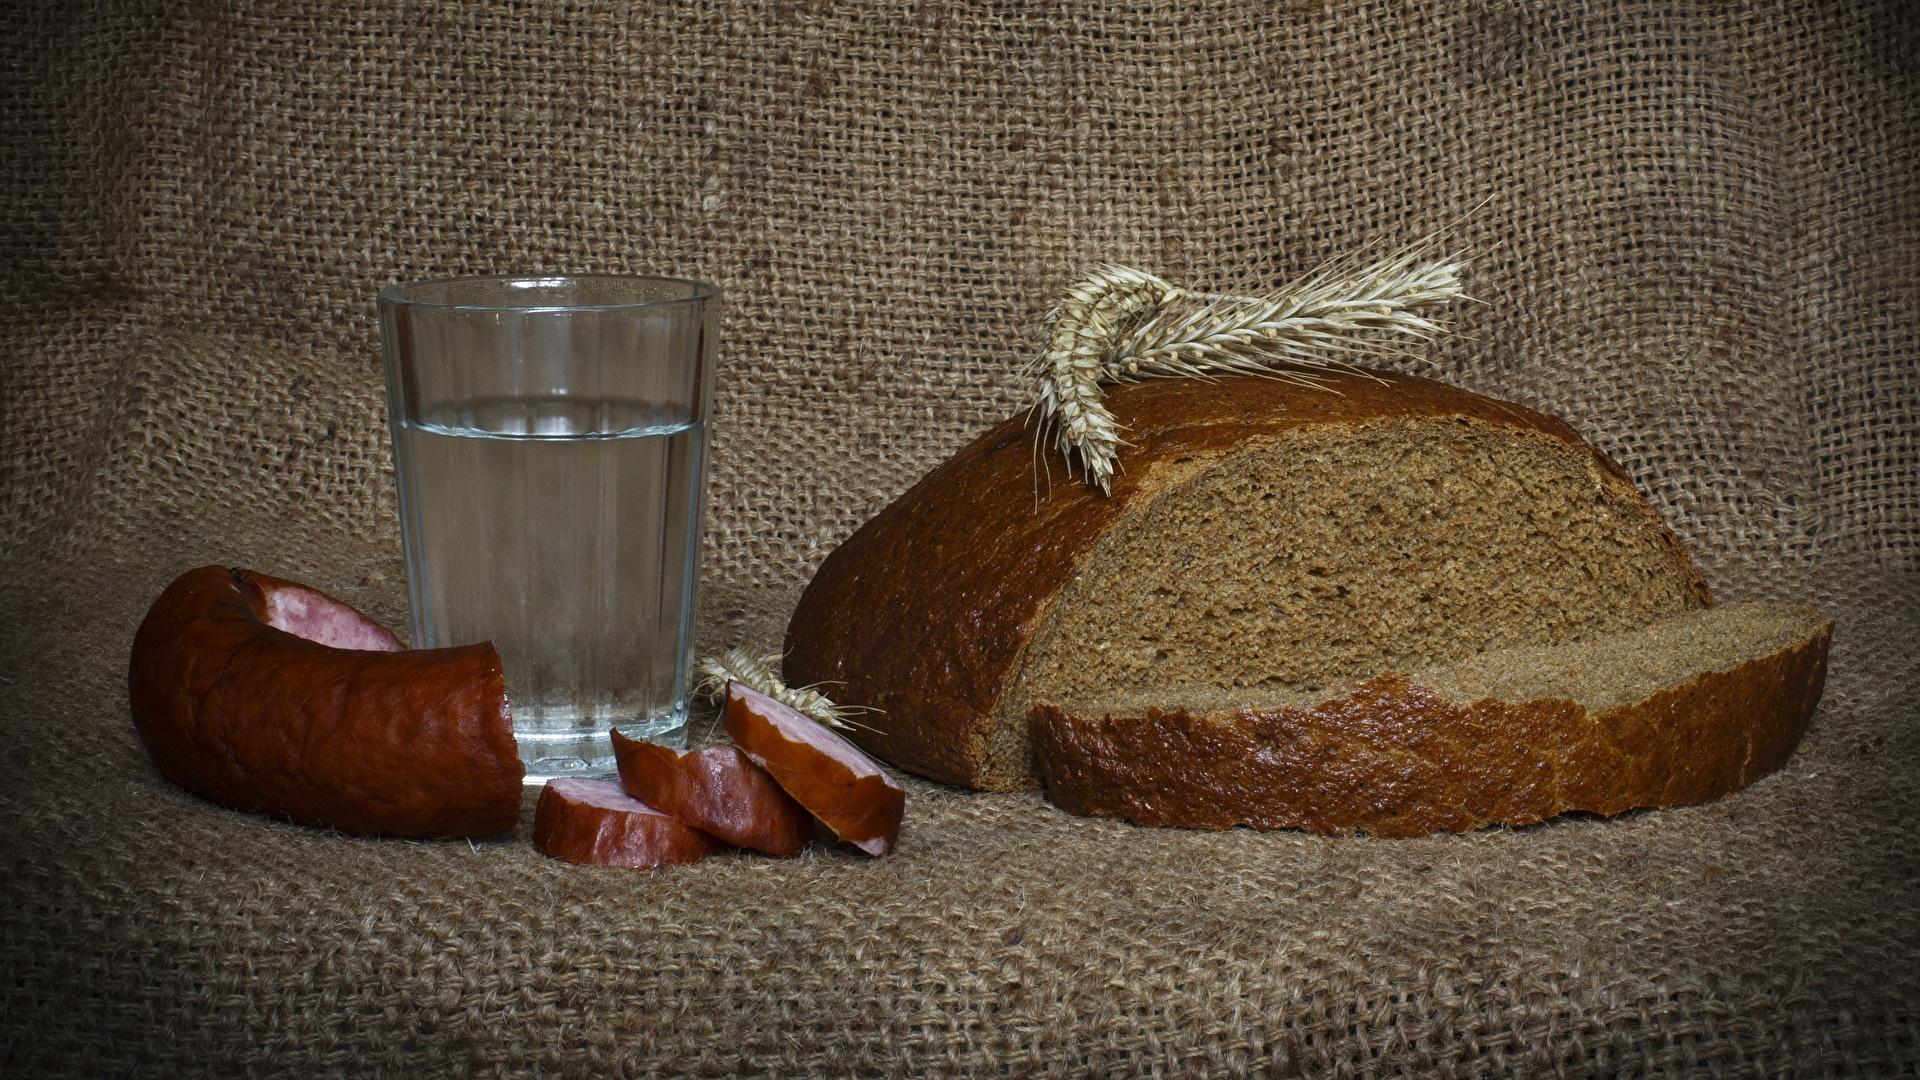 Обои Водка Колбаса Хлеб Колос Стакан Еда нарезка 1920x1080 стакана стакане Пища Продукты питания Нарезанные продукты